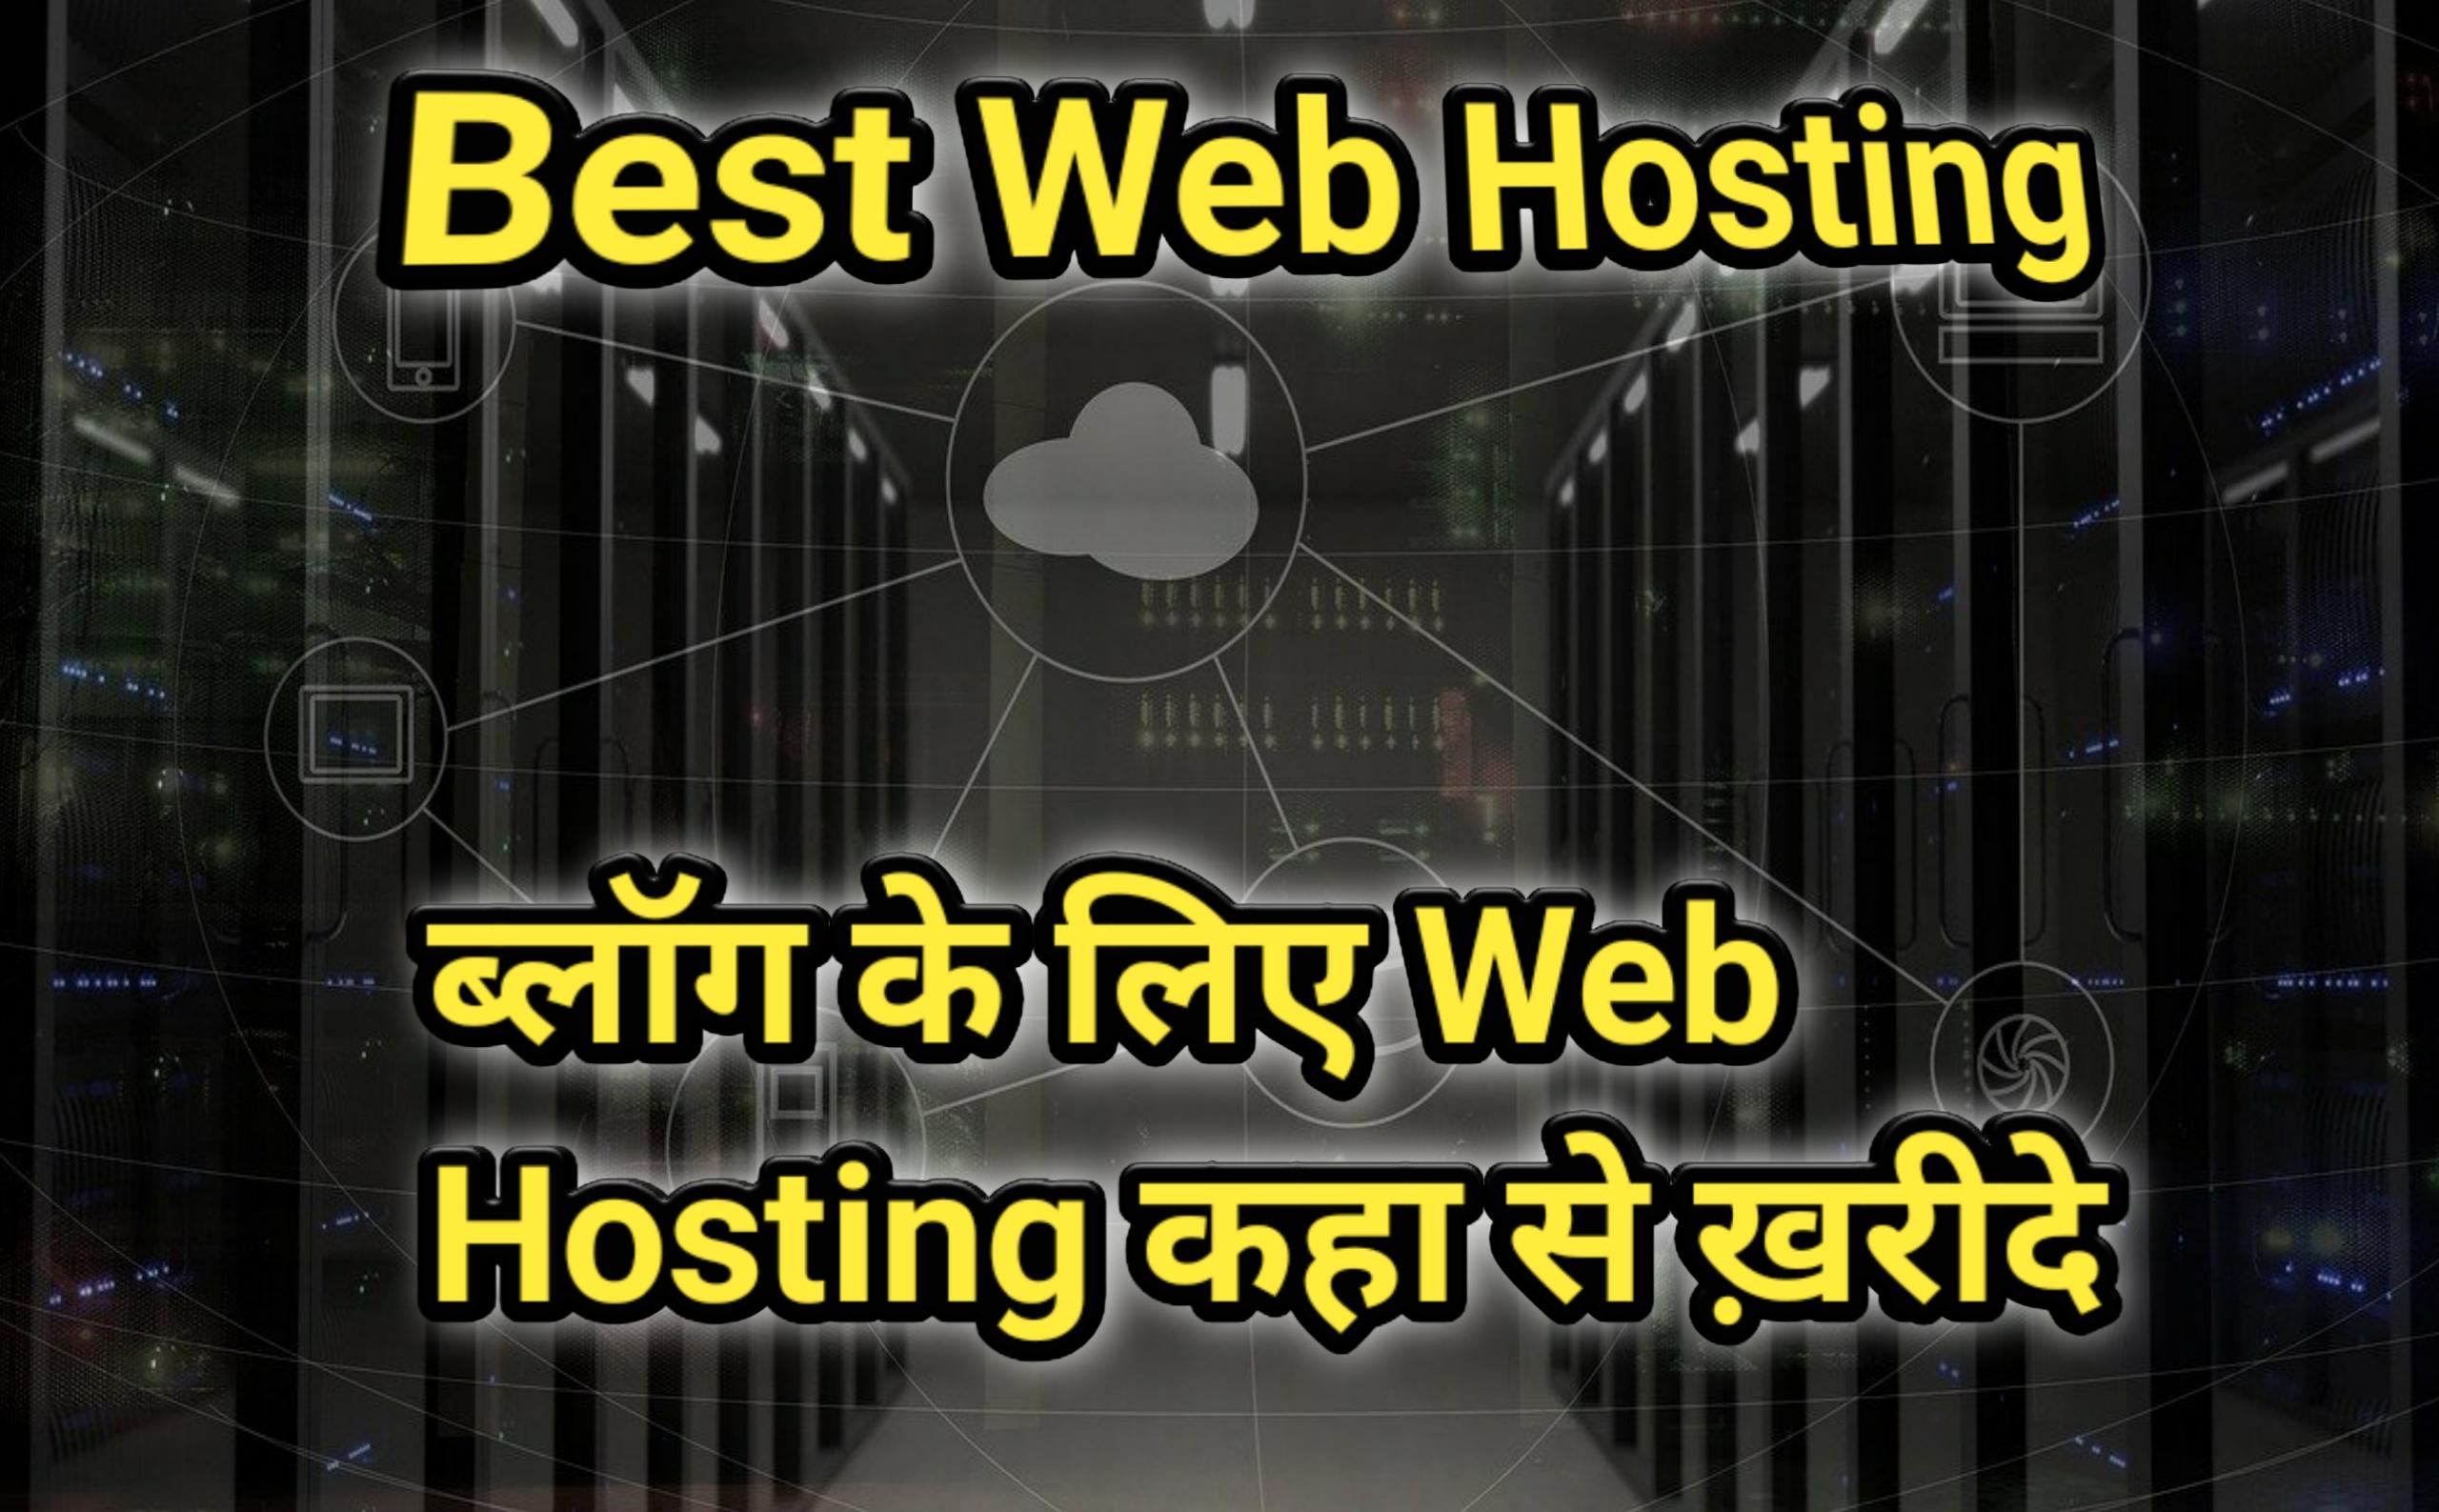 ब्लॉग वेबसाइट के लिए web hosting कहा से खरीदे - हिंदी में